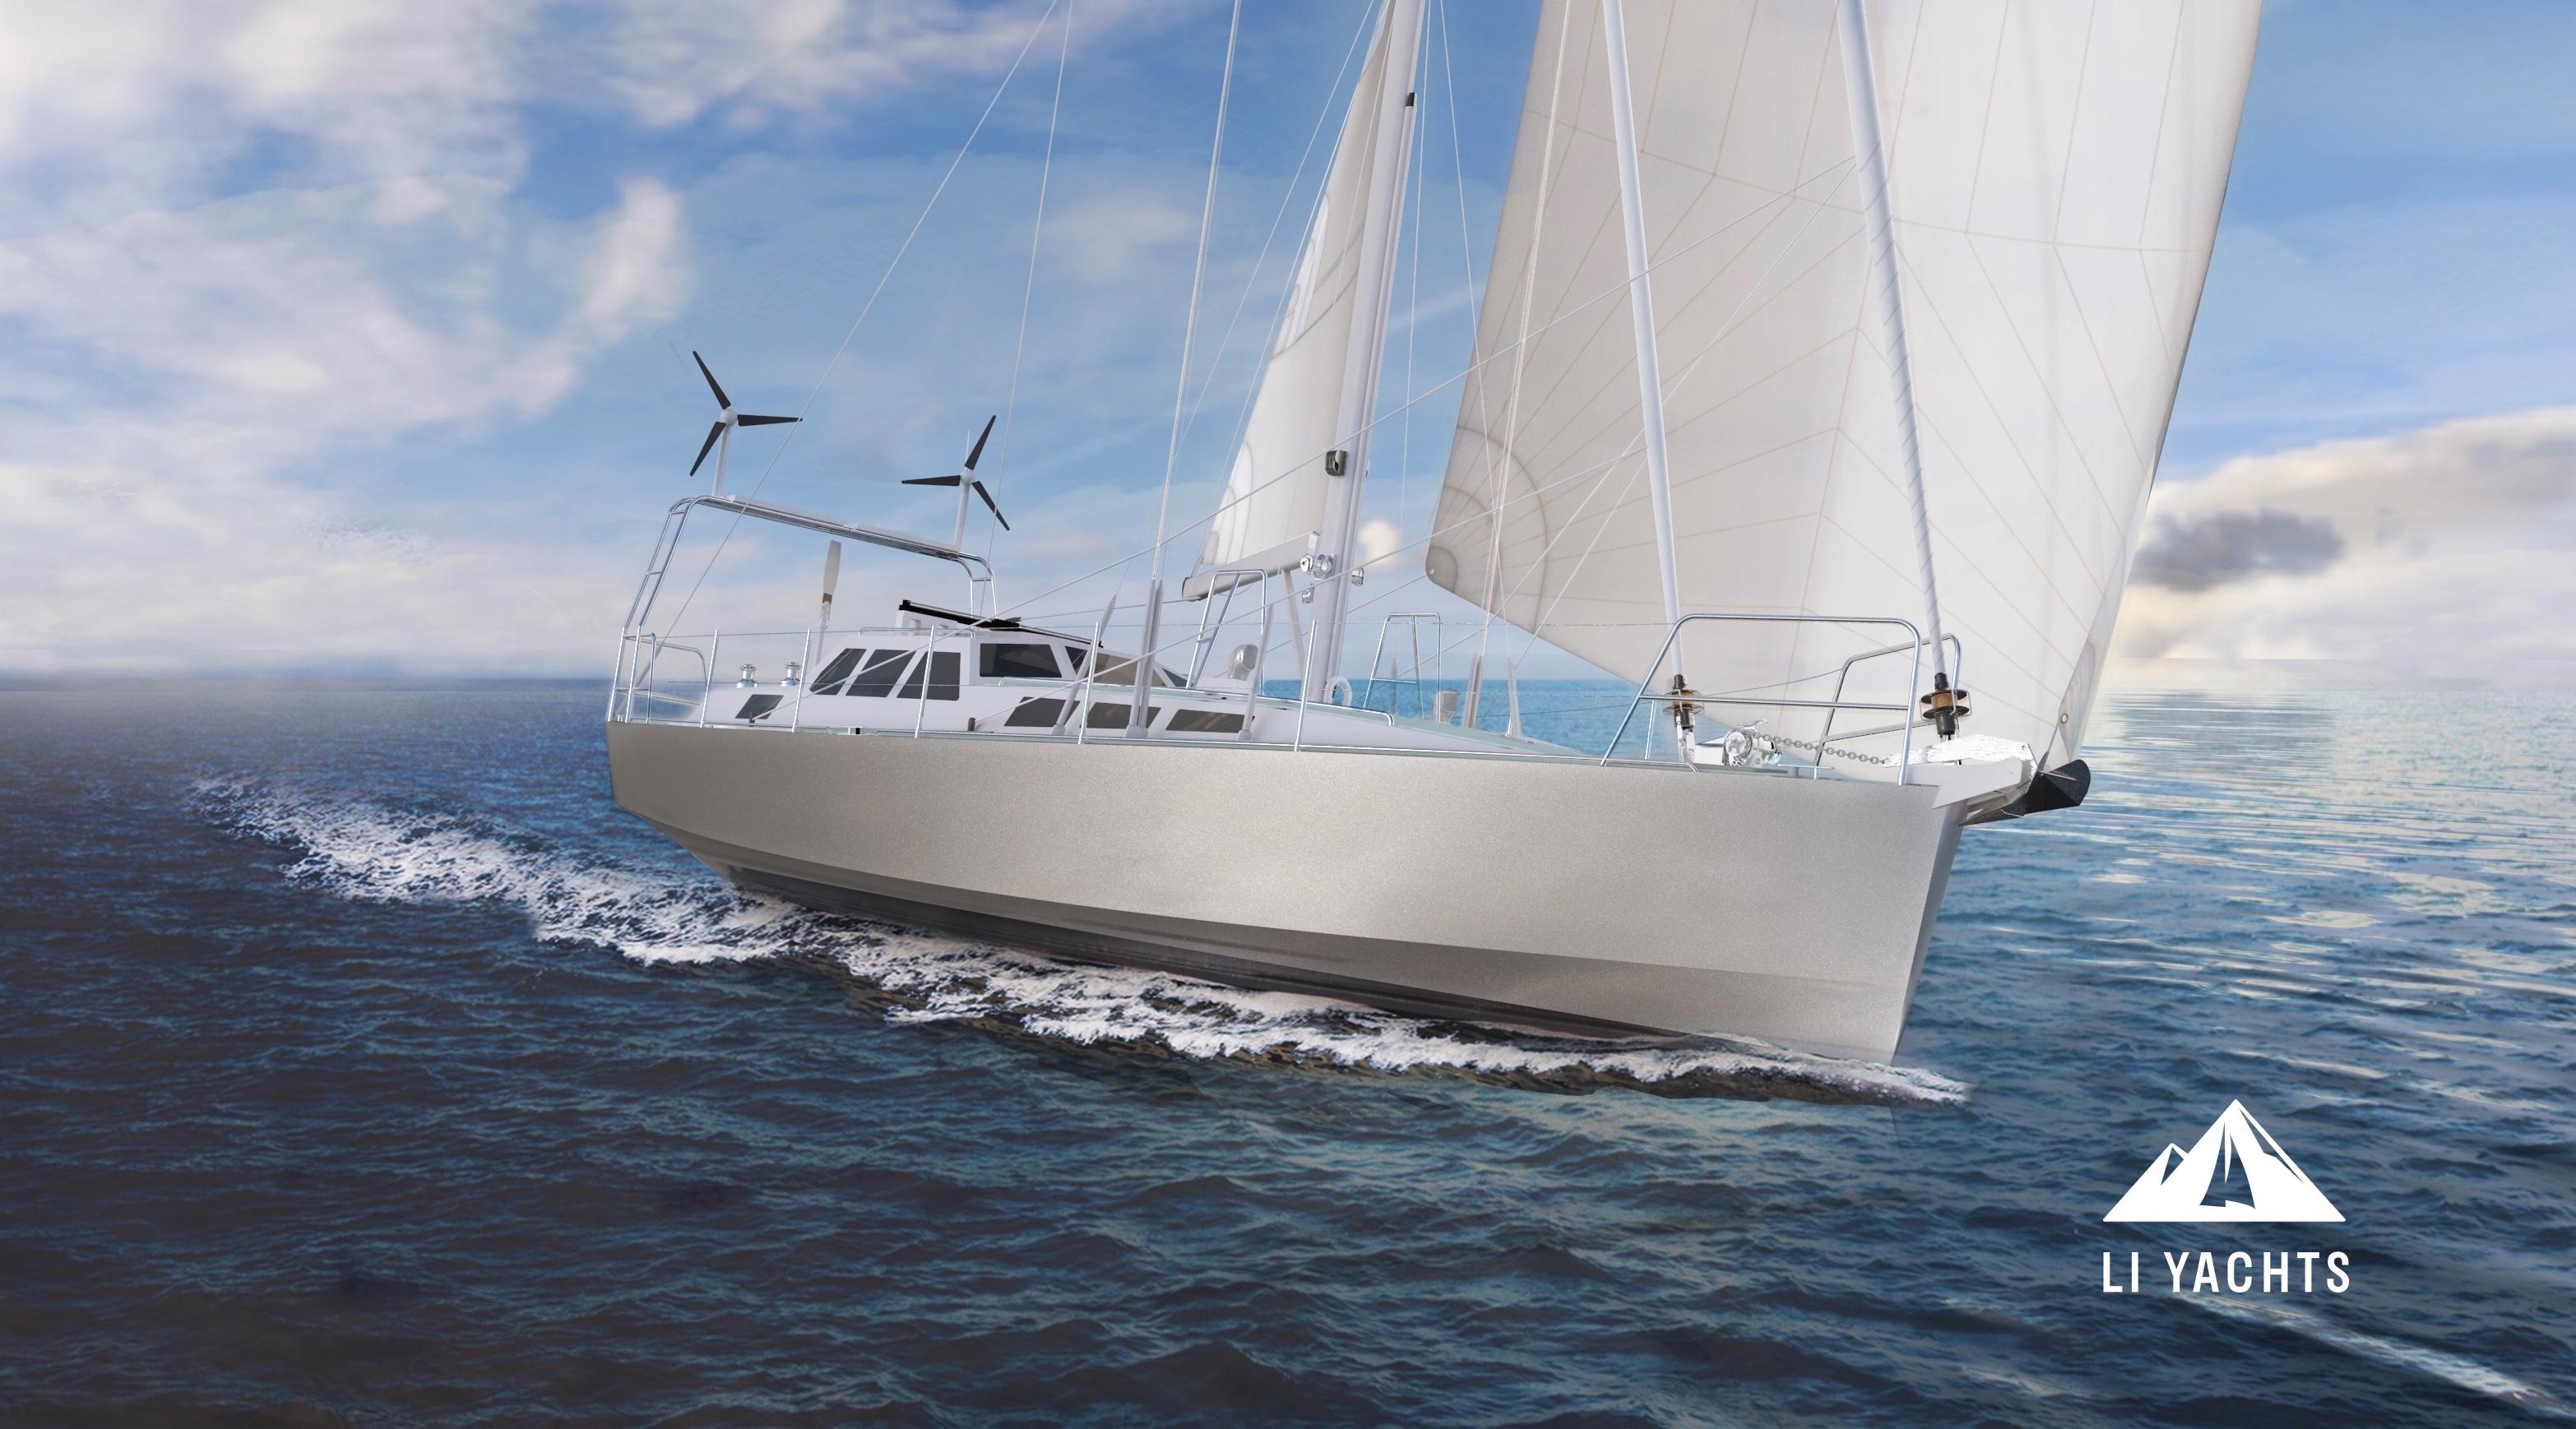 li yachts 40